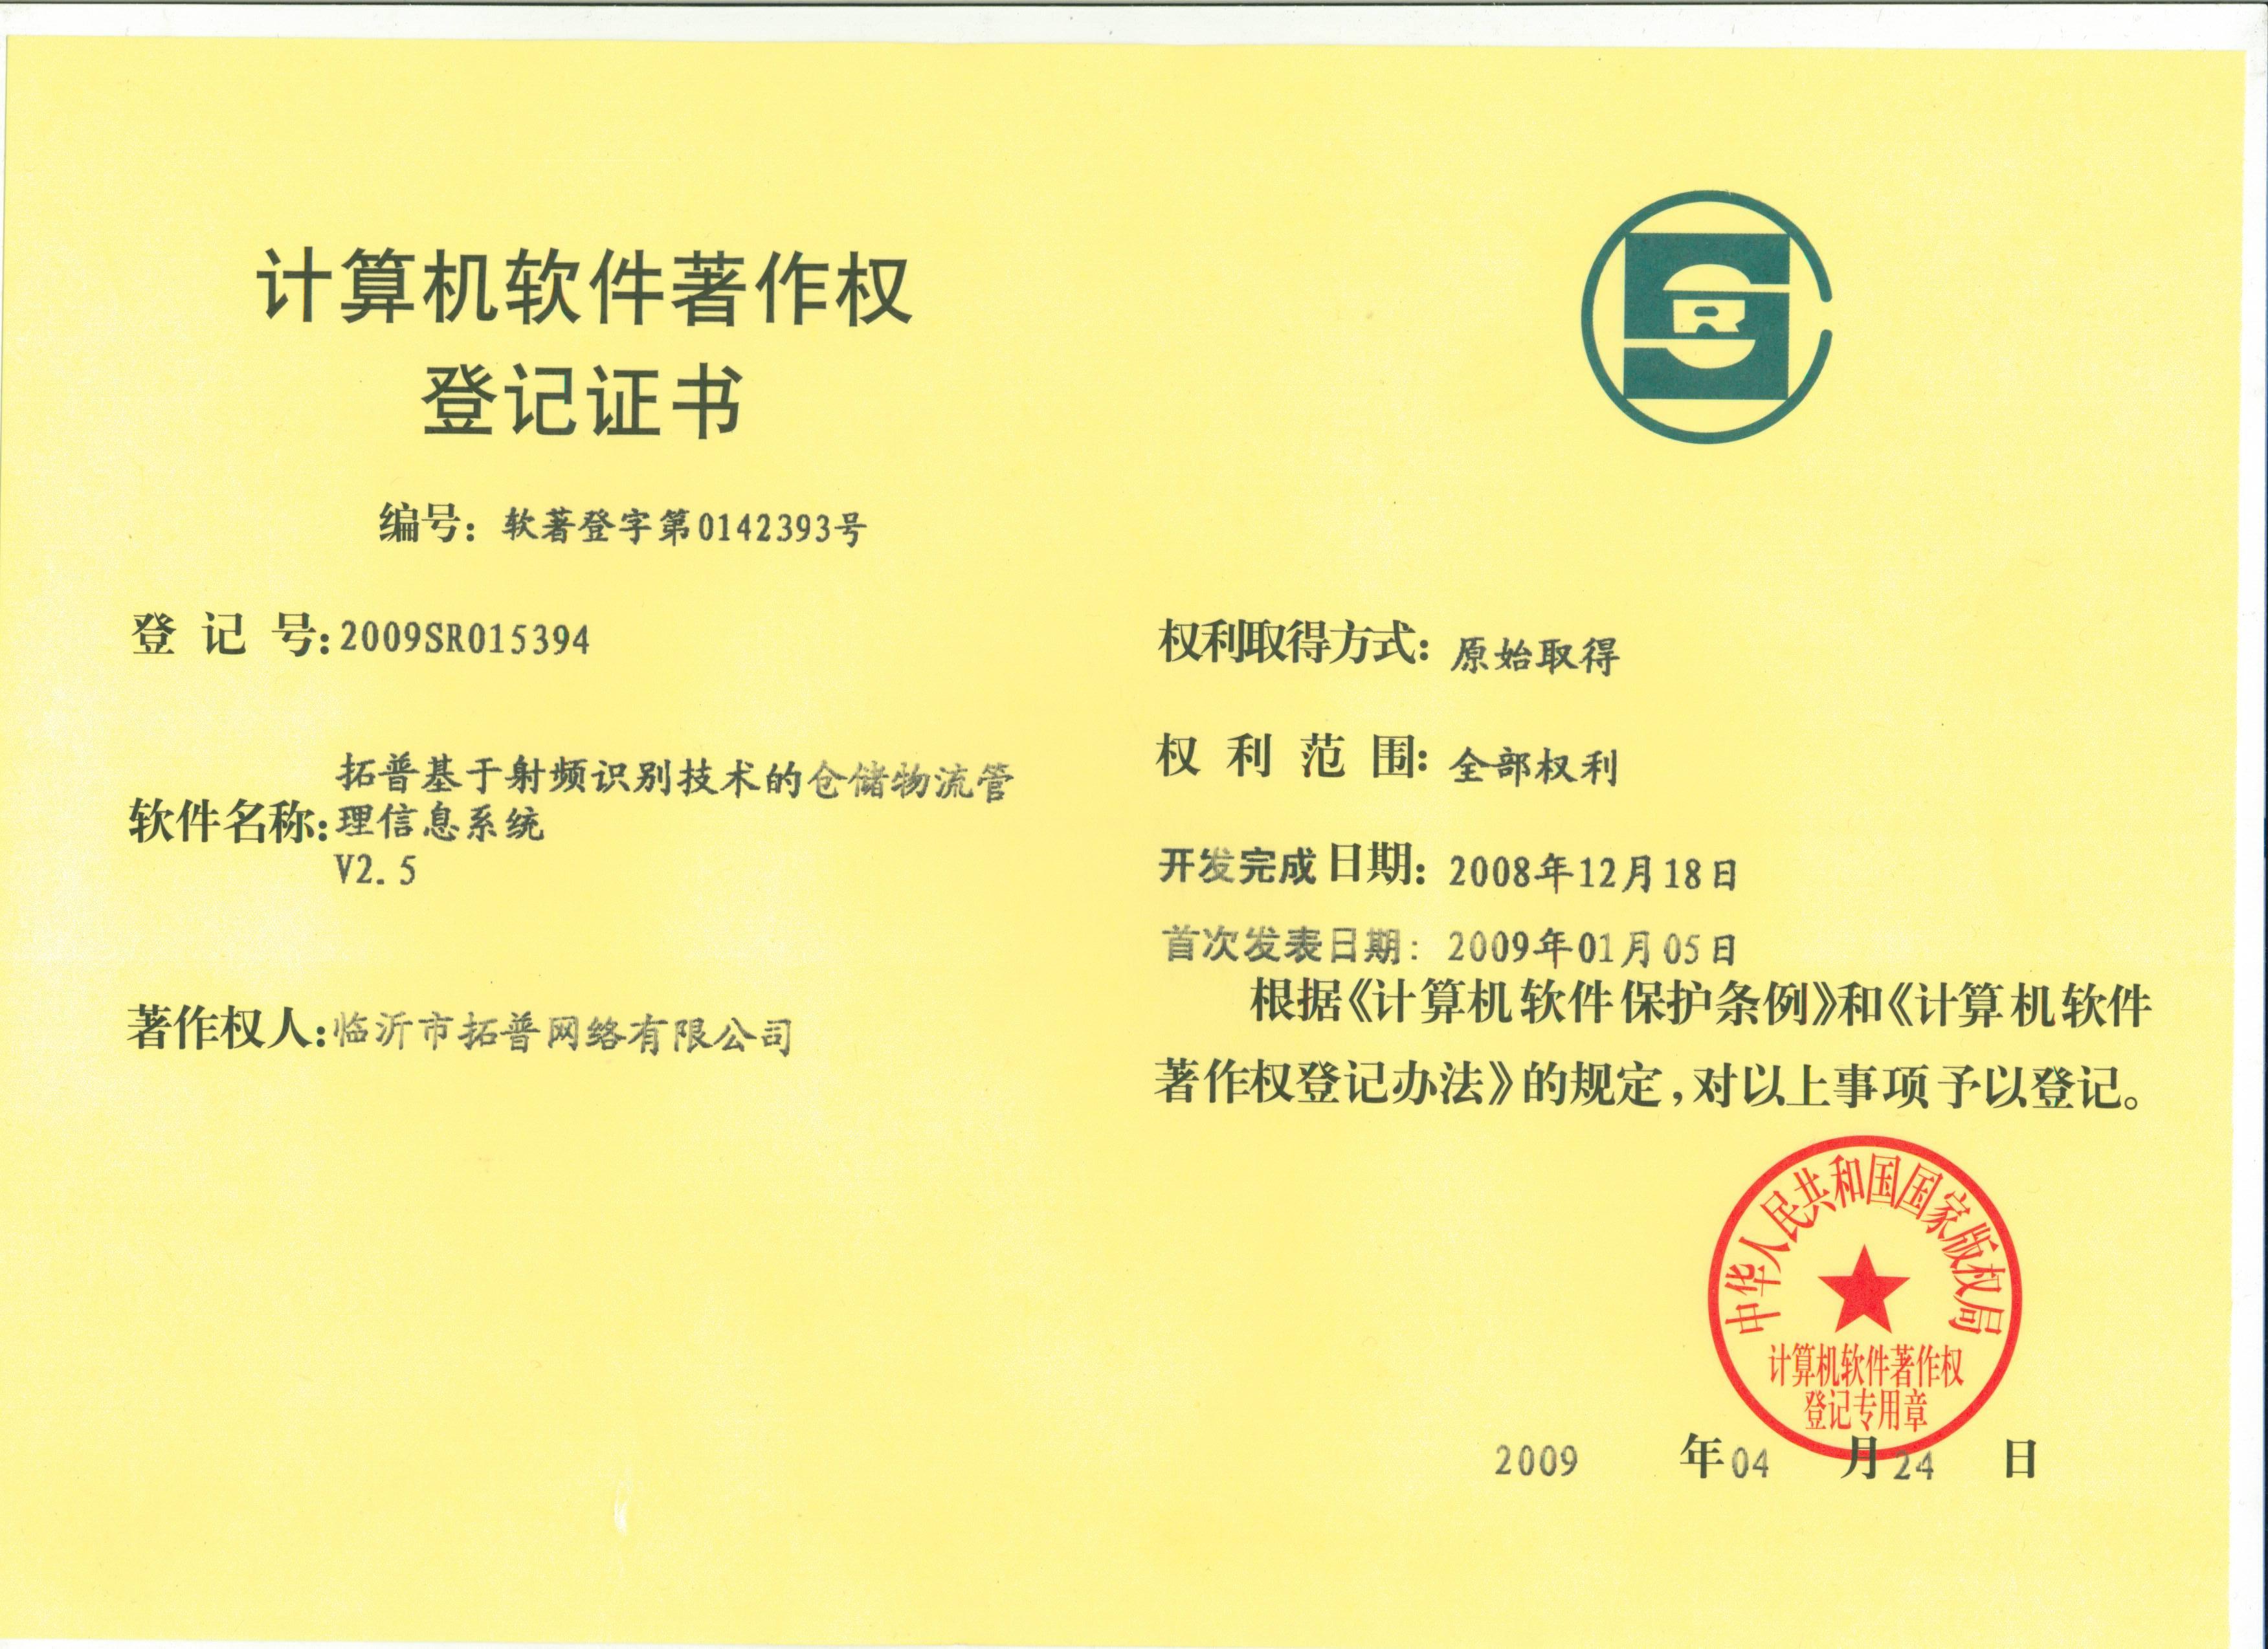 主题:《拓普基于射频识别技术的仓储物流管理信息系统》 日期:2010-12-06